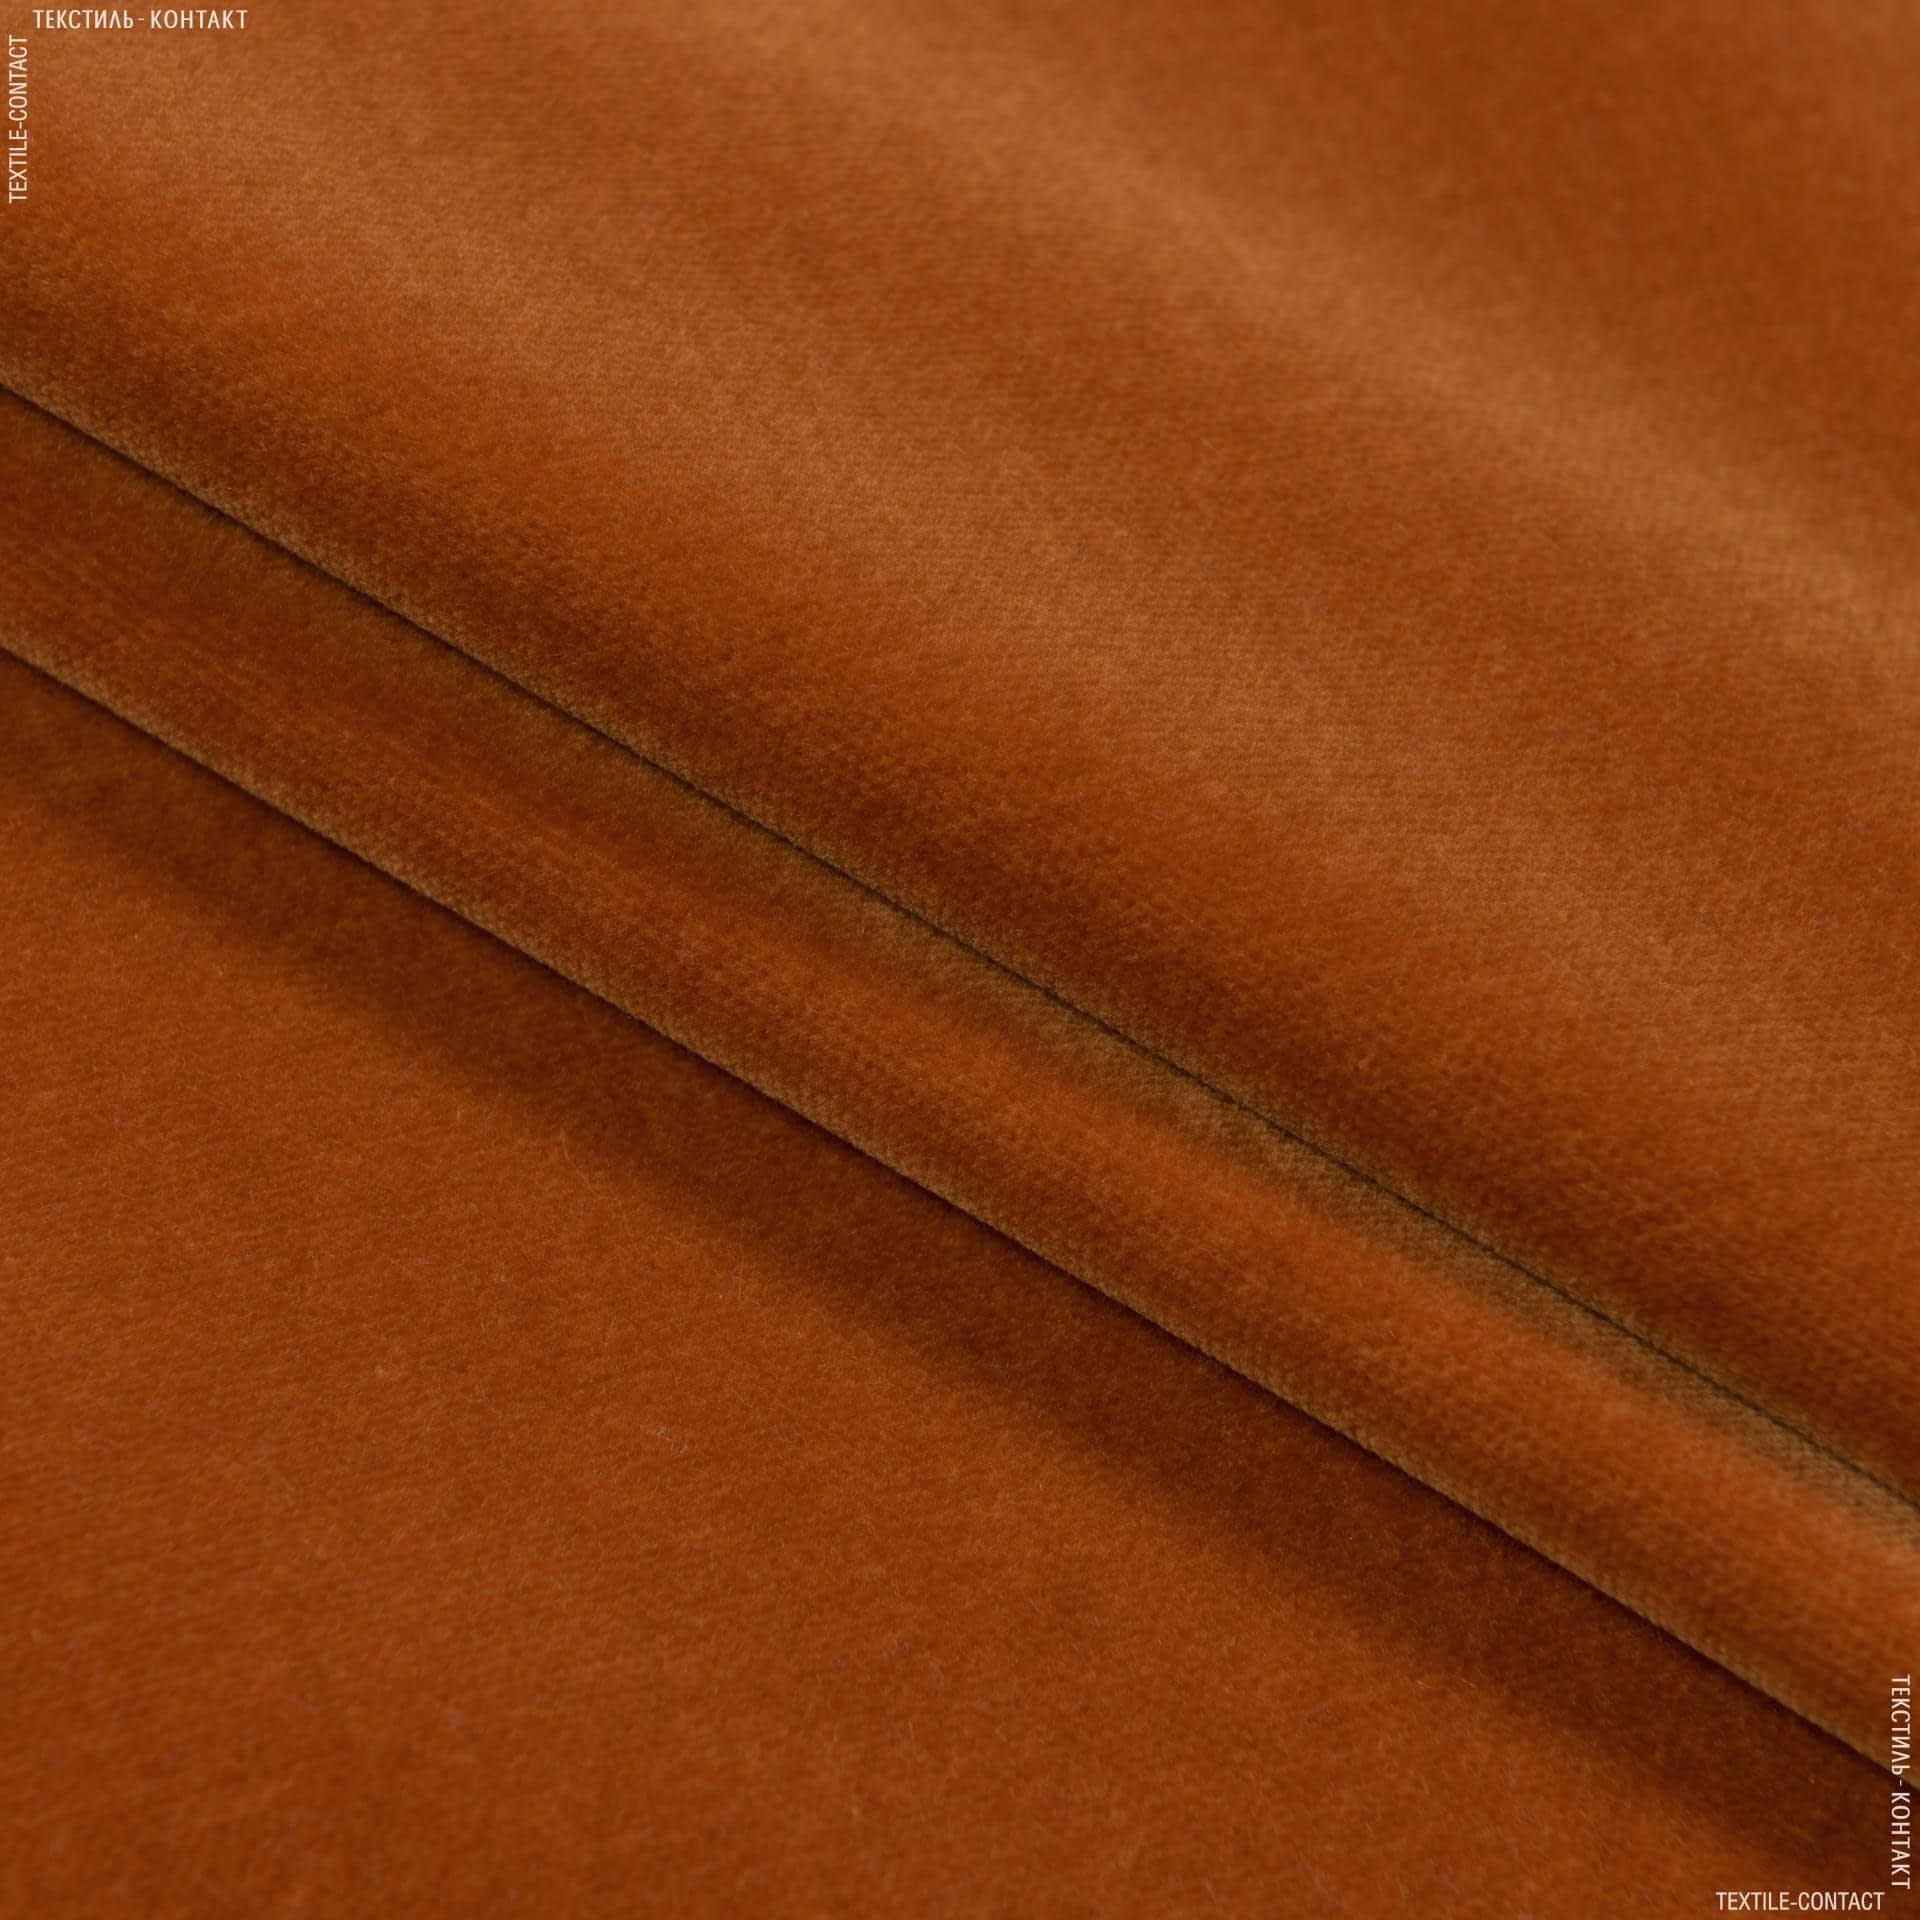 Ткани для мебели - Велюр  дерби/derb рыжий сток